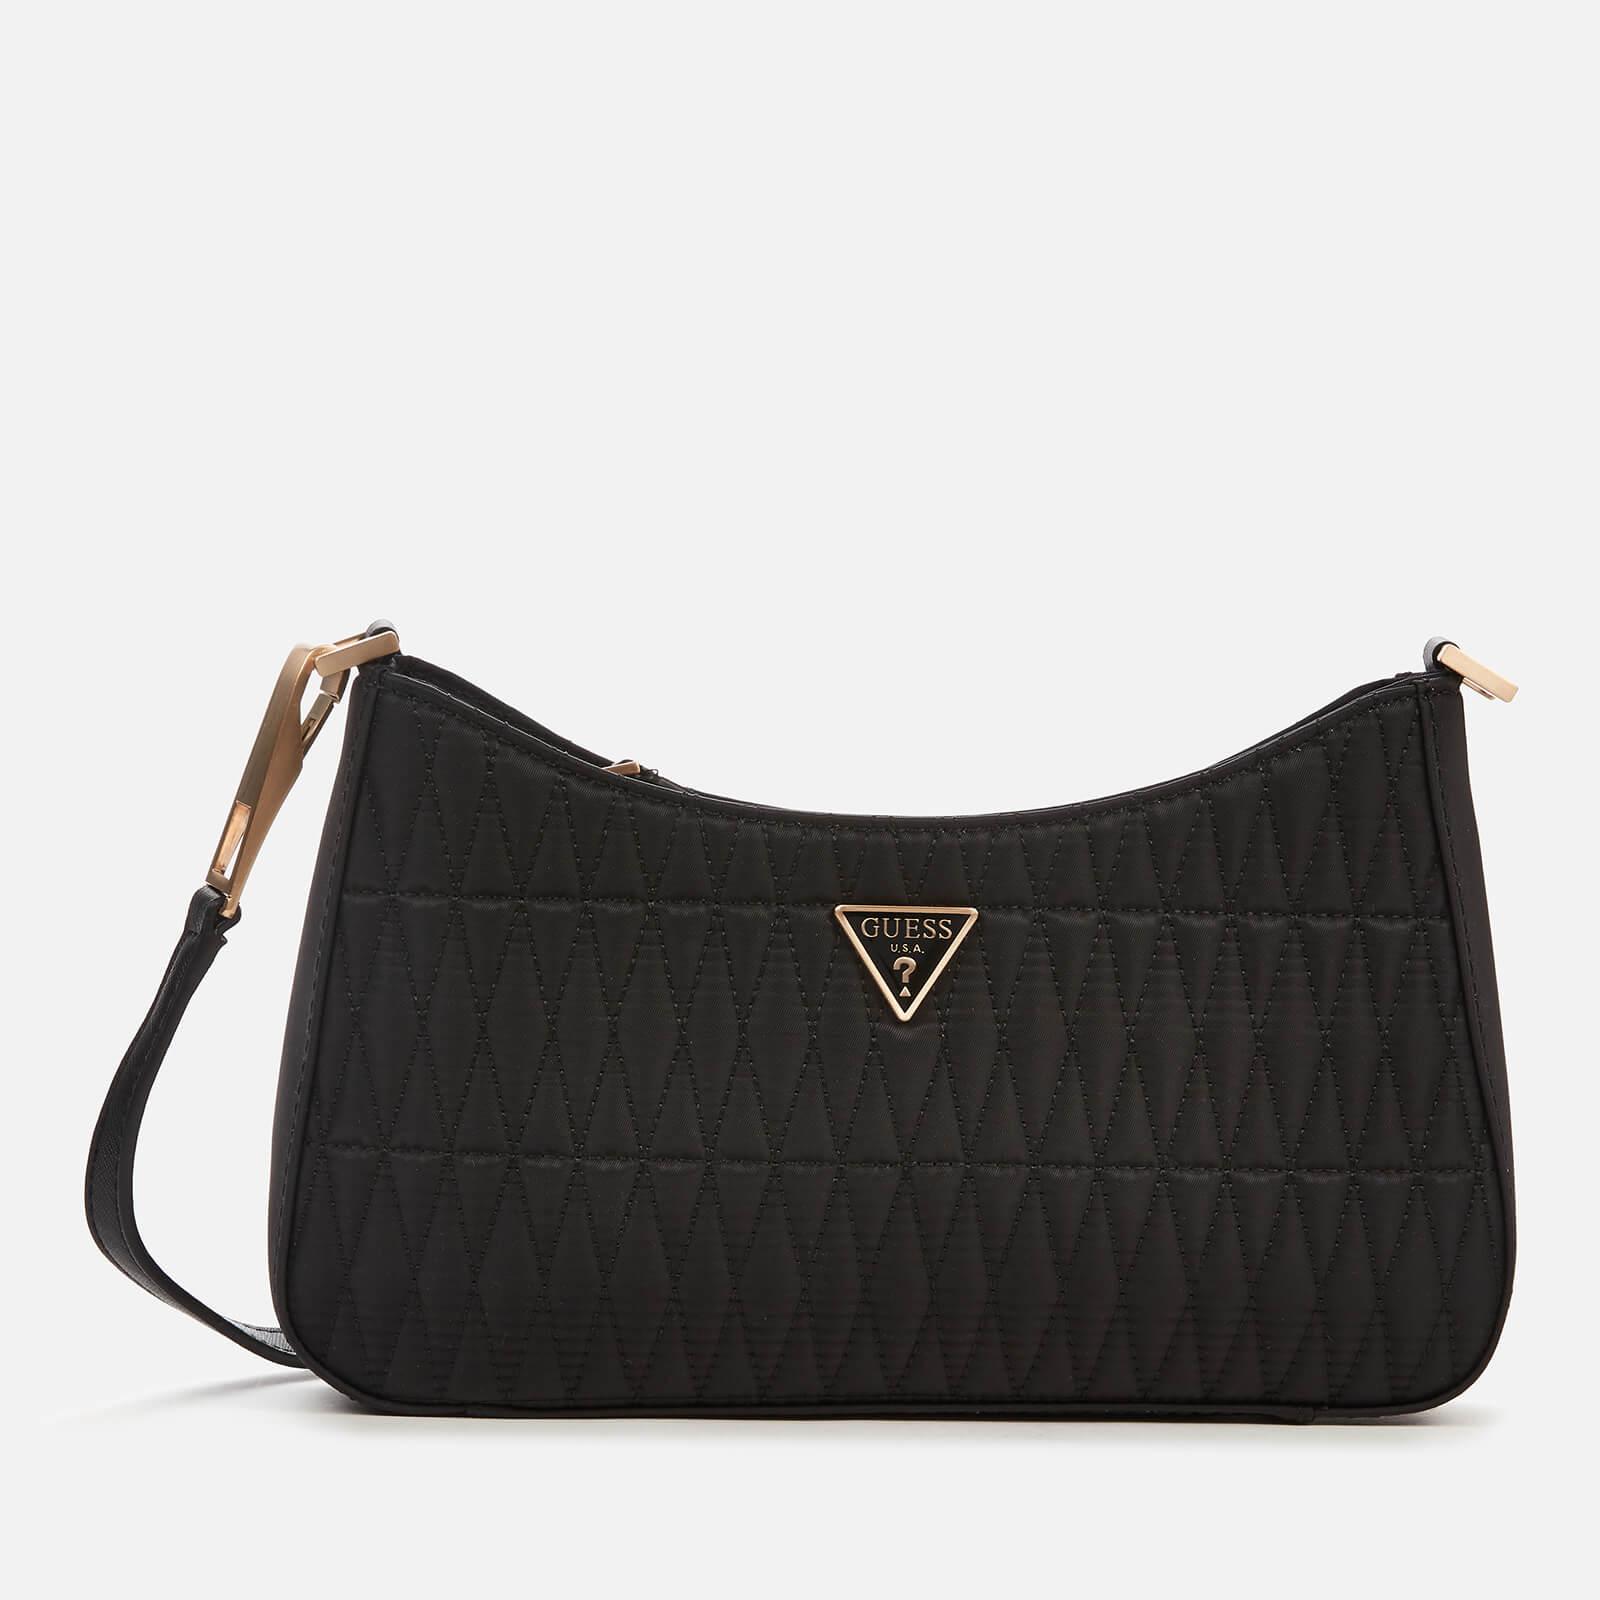 Guess Women's Layla Top Zip Shoulder Bag - Black